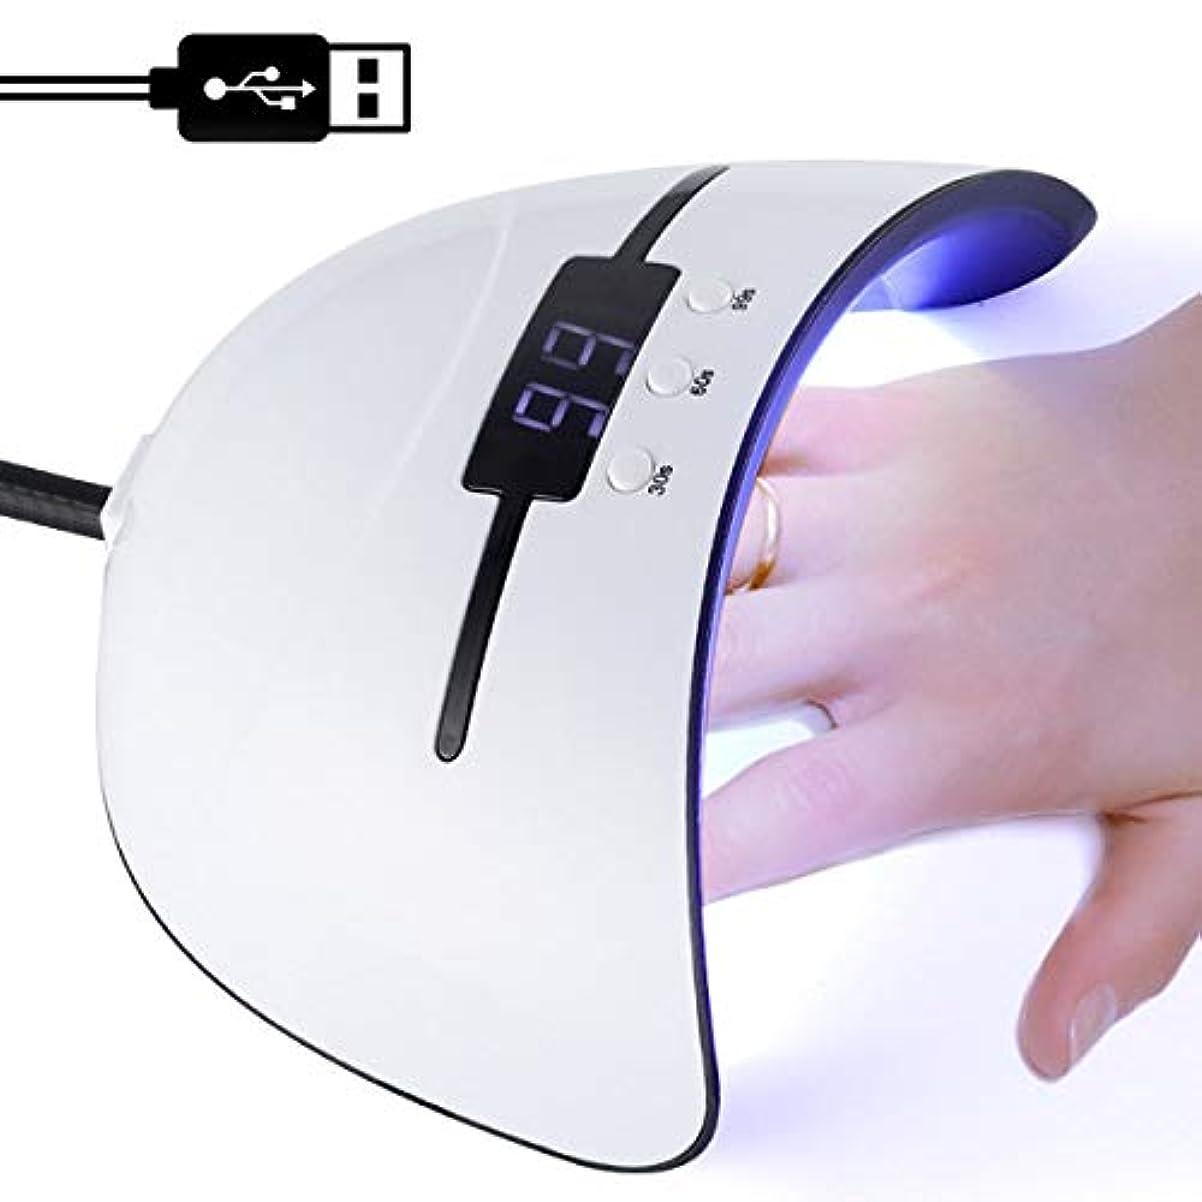 裸市町村落ち込んでいるLEDネイルドライヤー UVライト LED 硬化ライト タイマー設定可能 折りたたみ式手足とも使える UV と LEDダブルライト ジェルネイル と uvライト レジン用 (36W 12ライト-ホワイト)